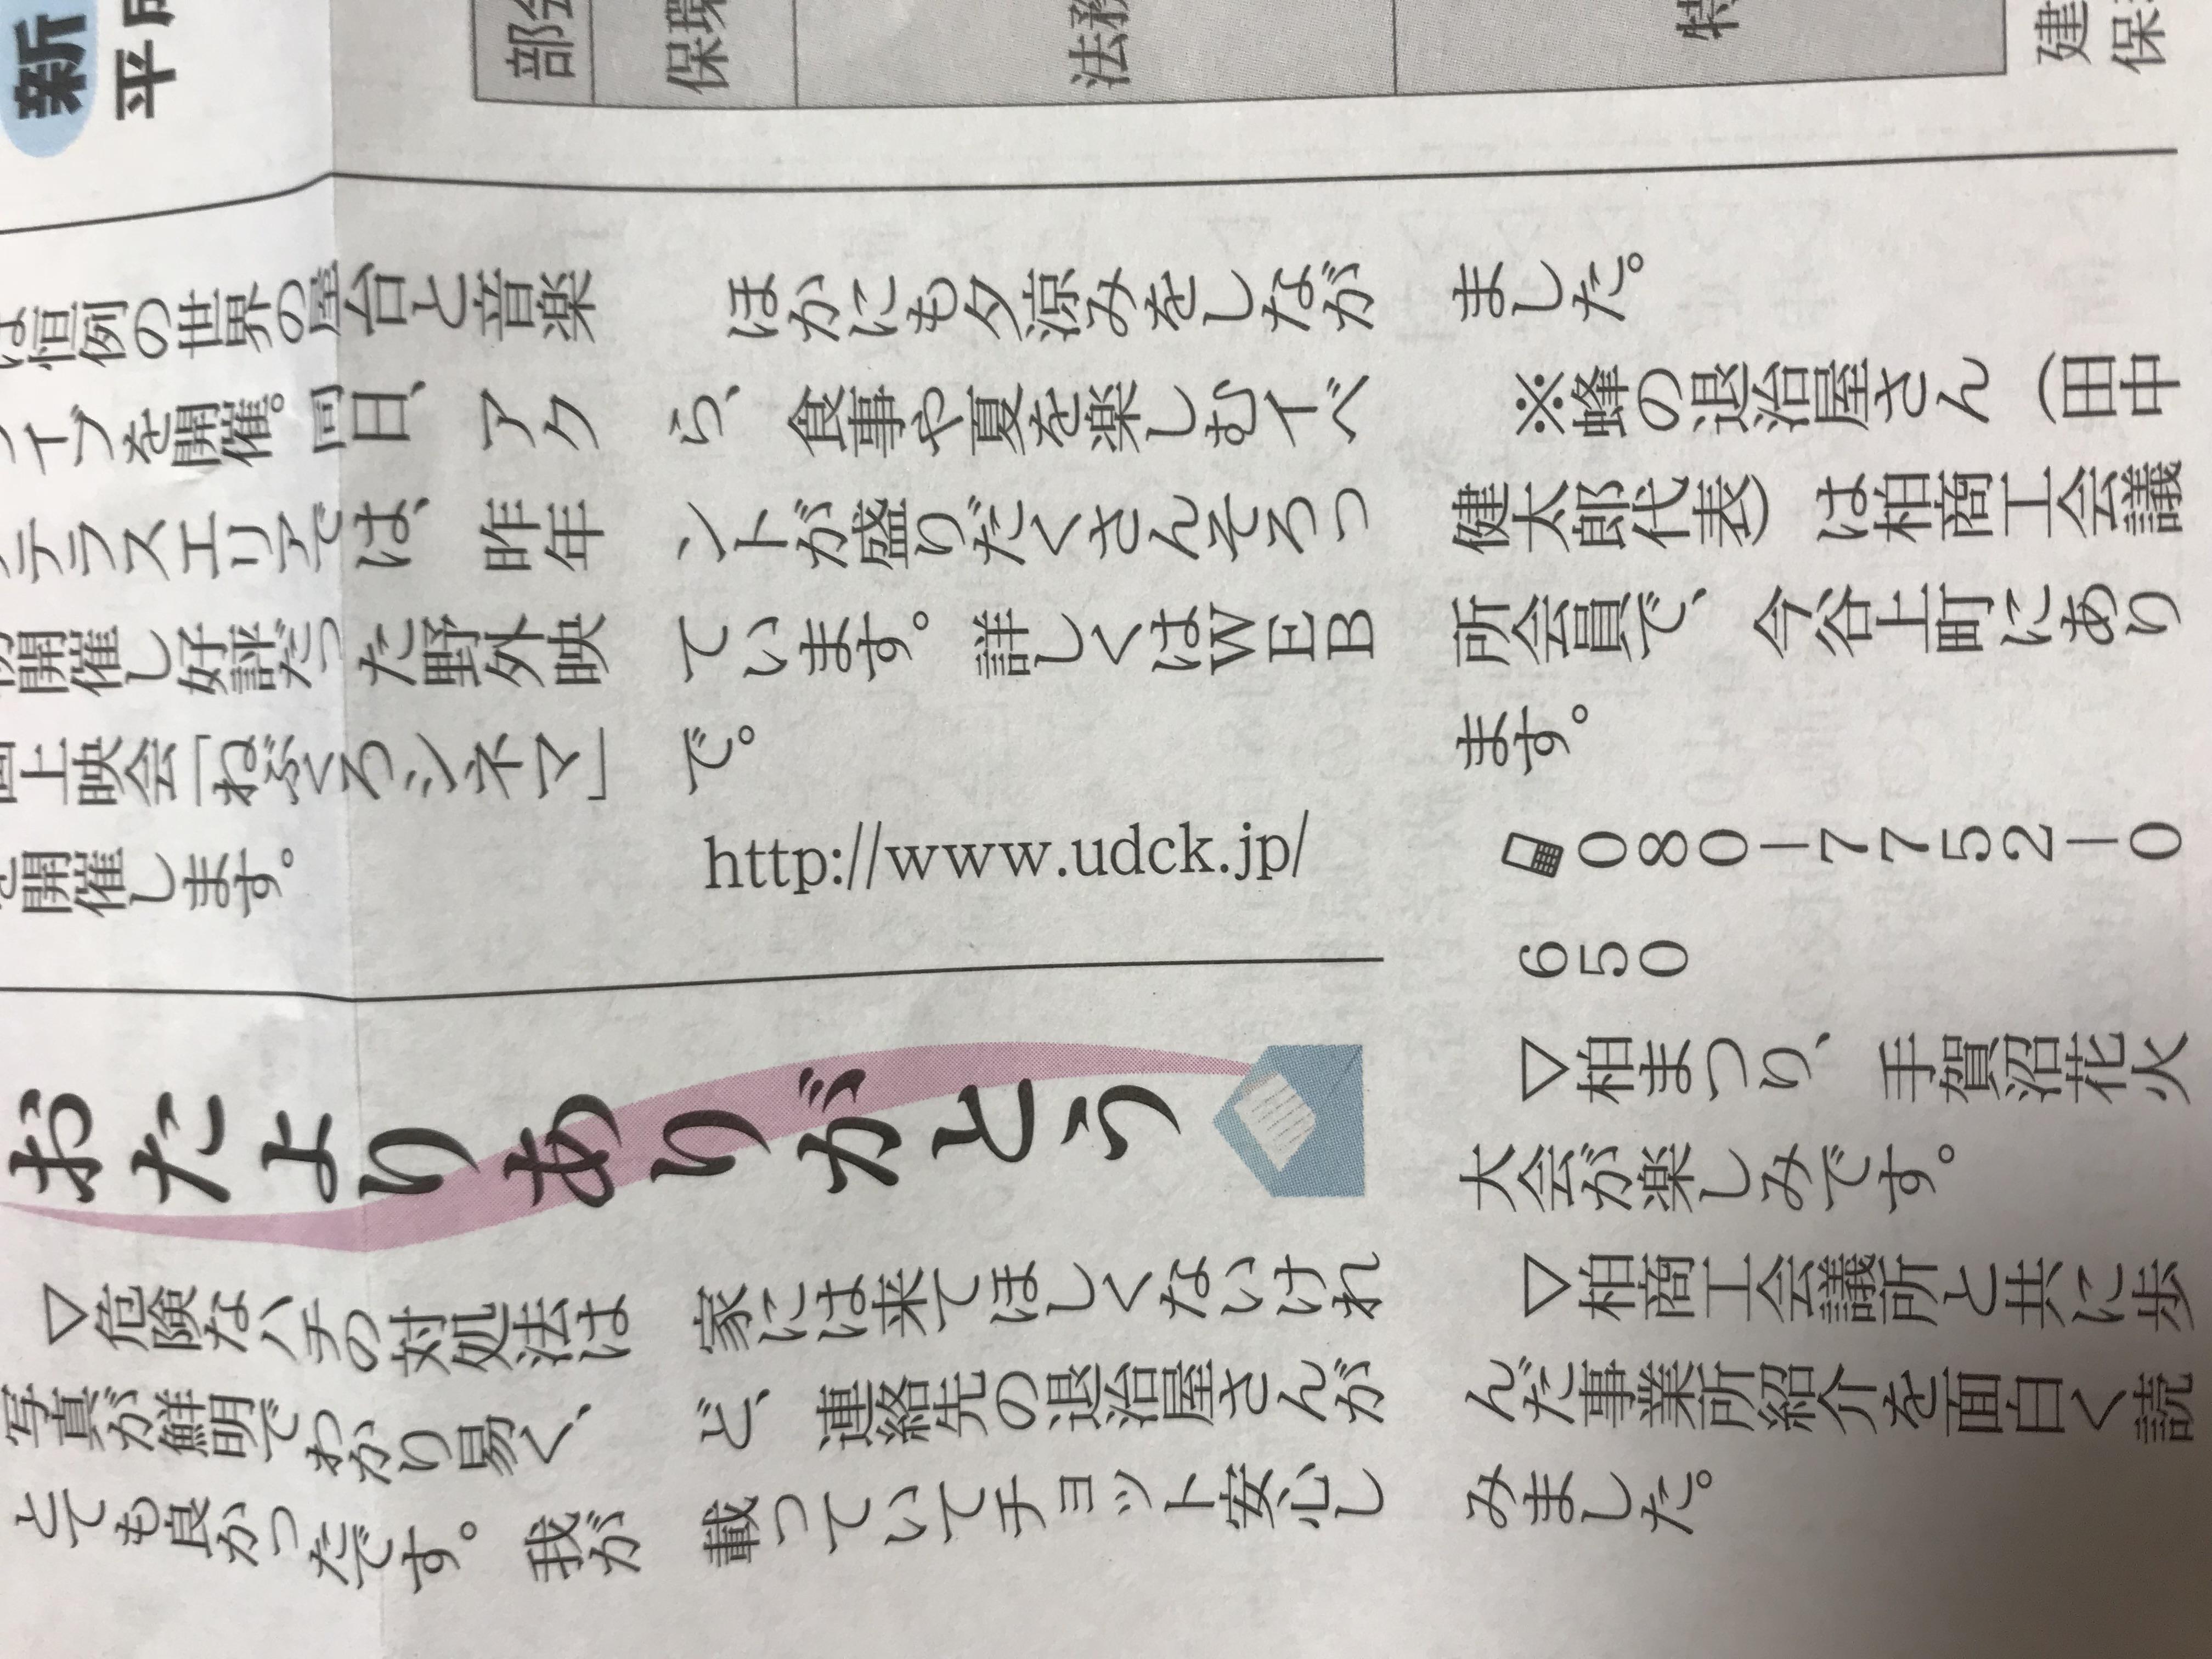 蜂の退治屋さんが千葉県柏市商工会議所が発行している商工かしわ(7月発行)に掲載されました!